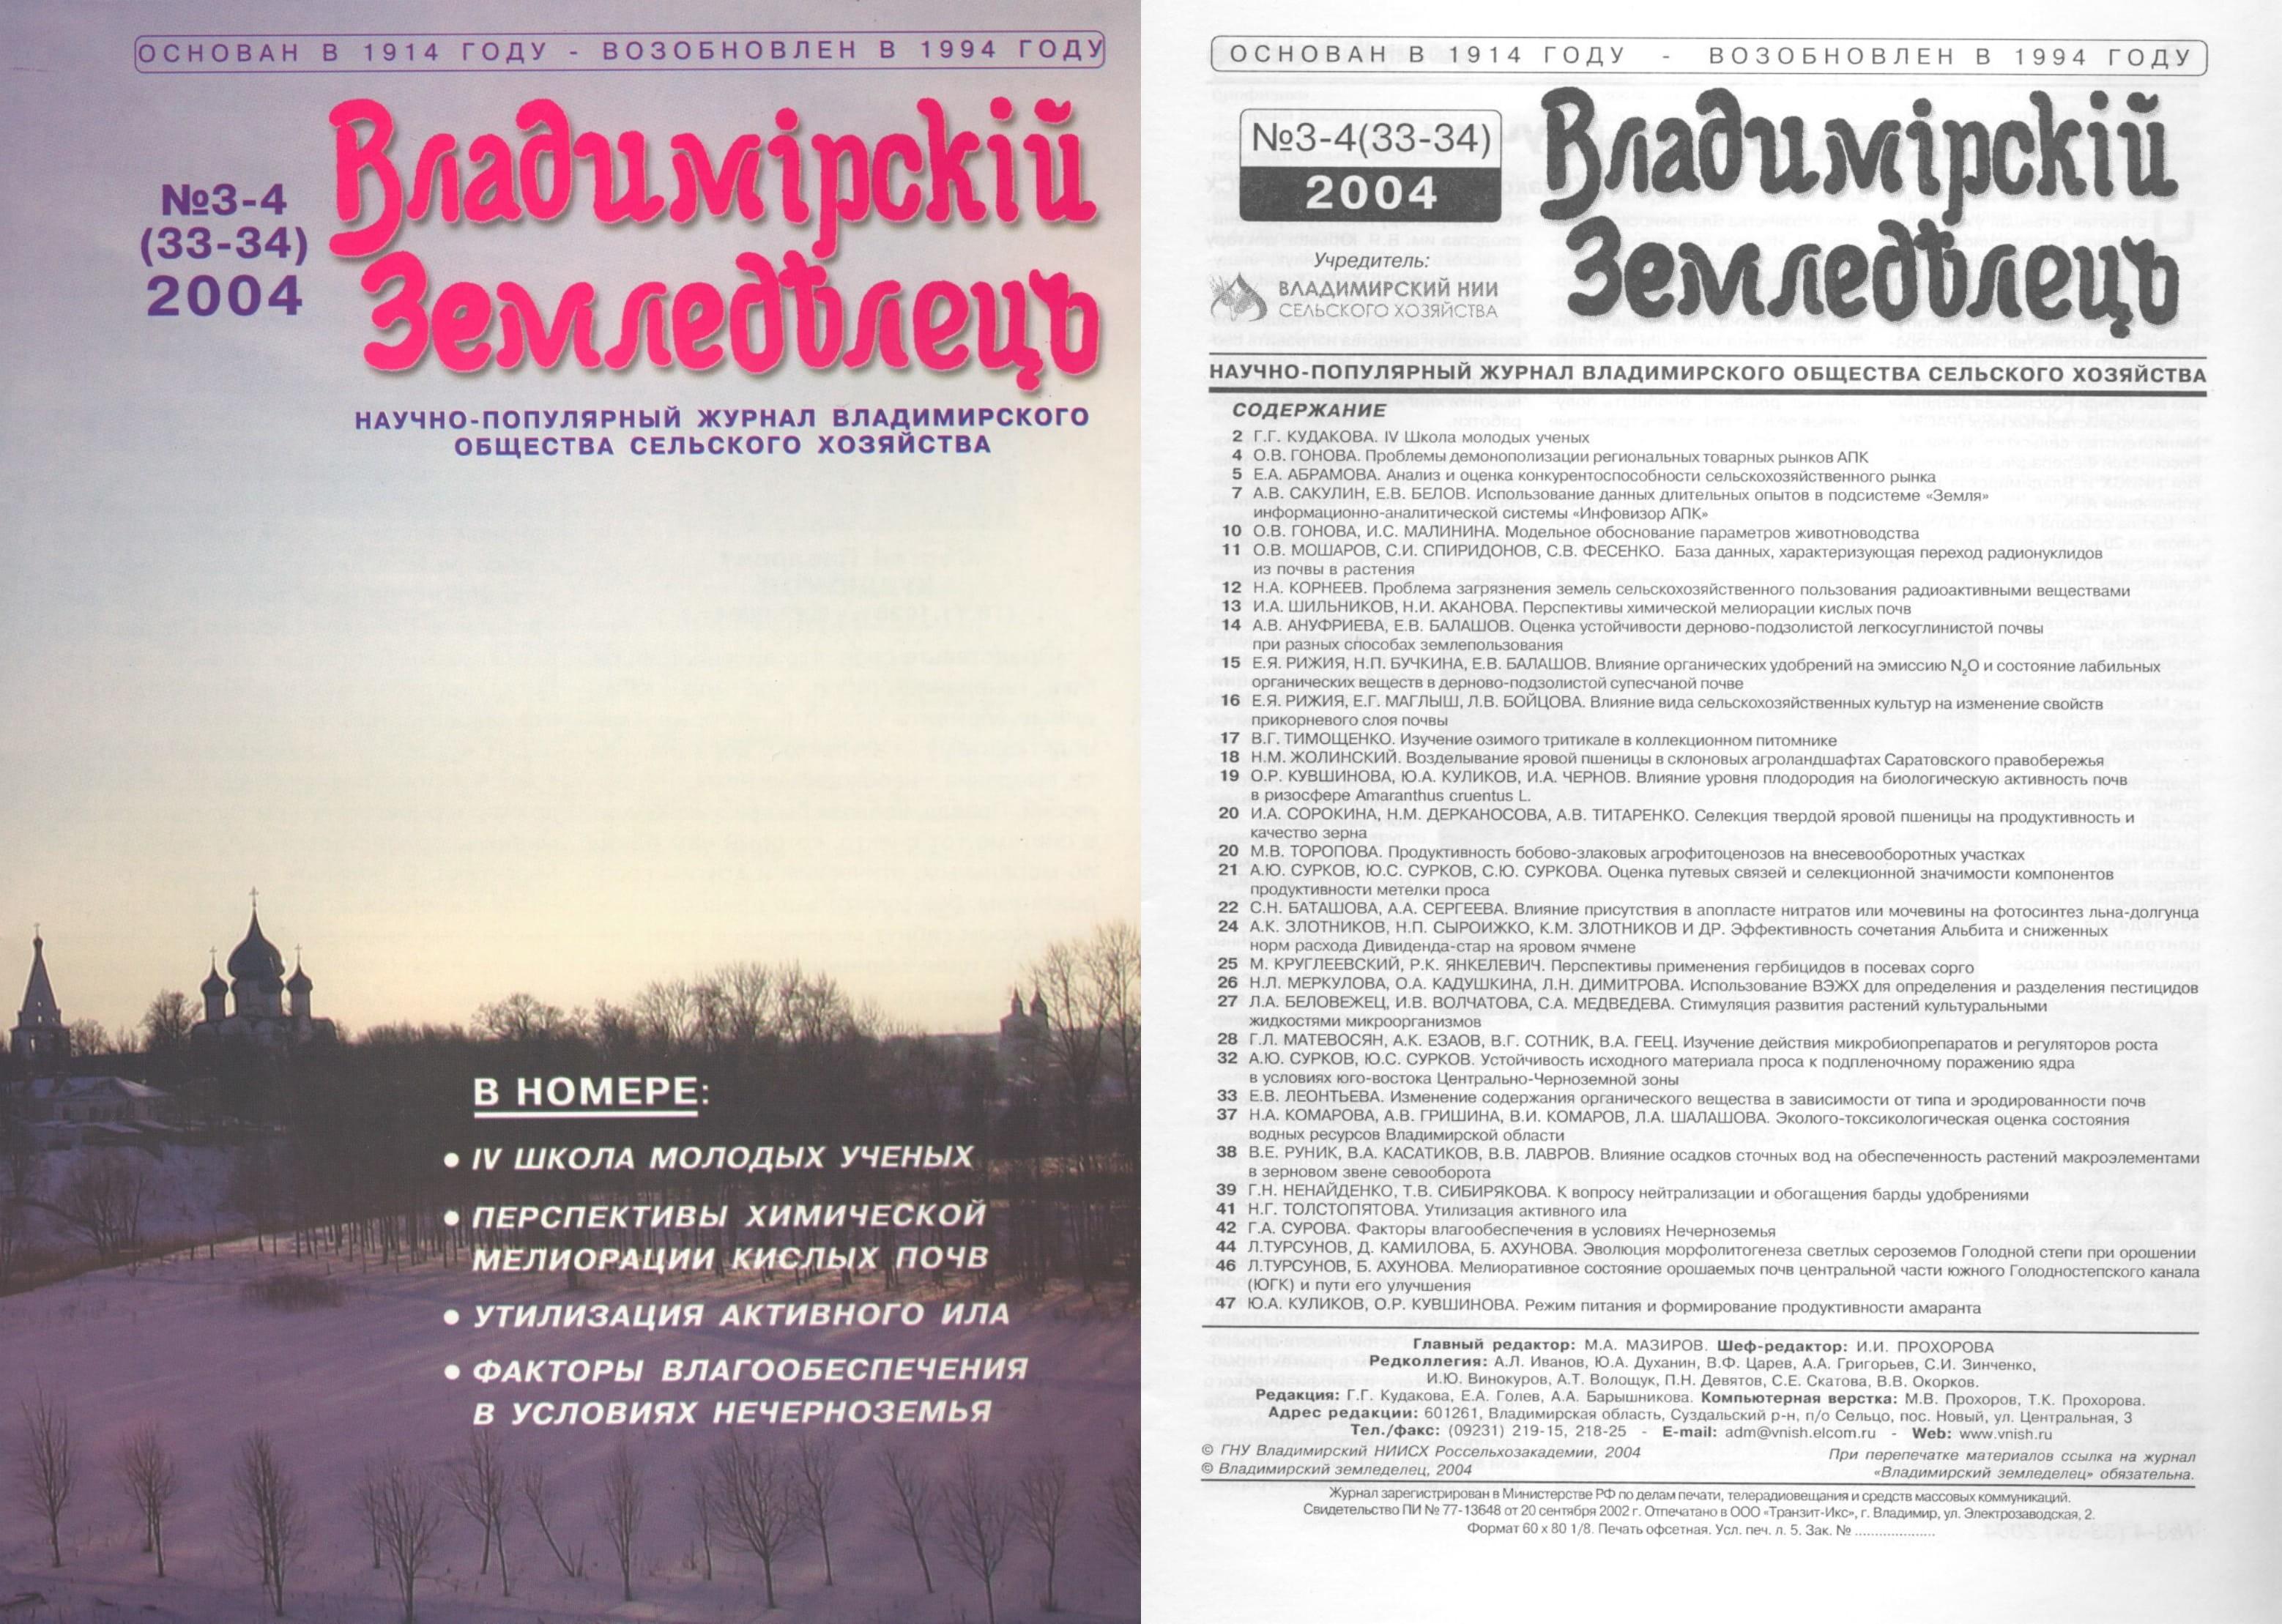 Владимирский земледелец 3-4(33-34) 2004